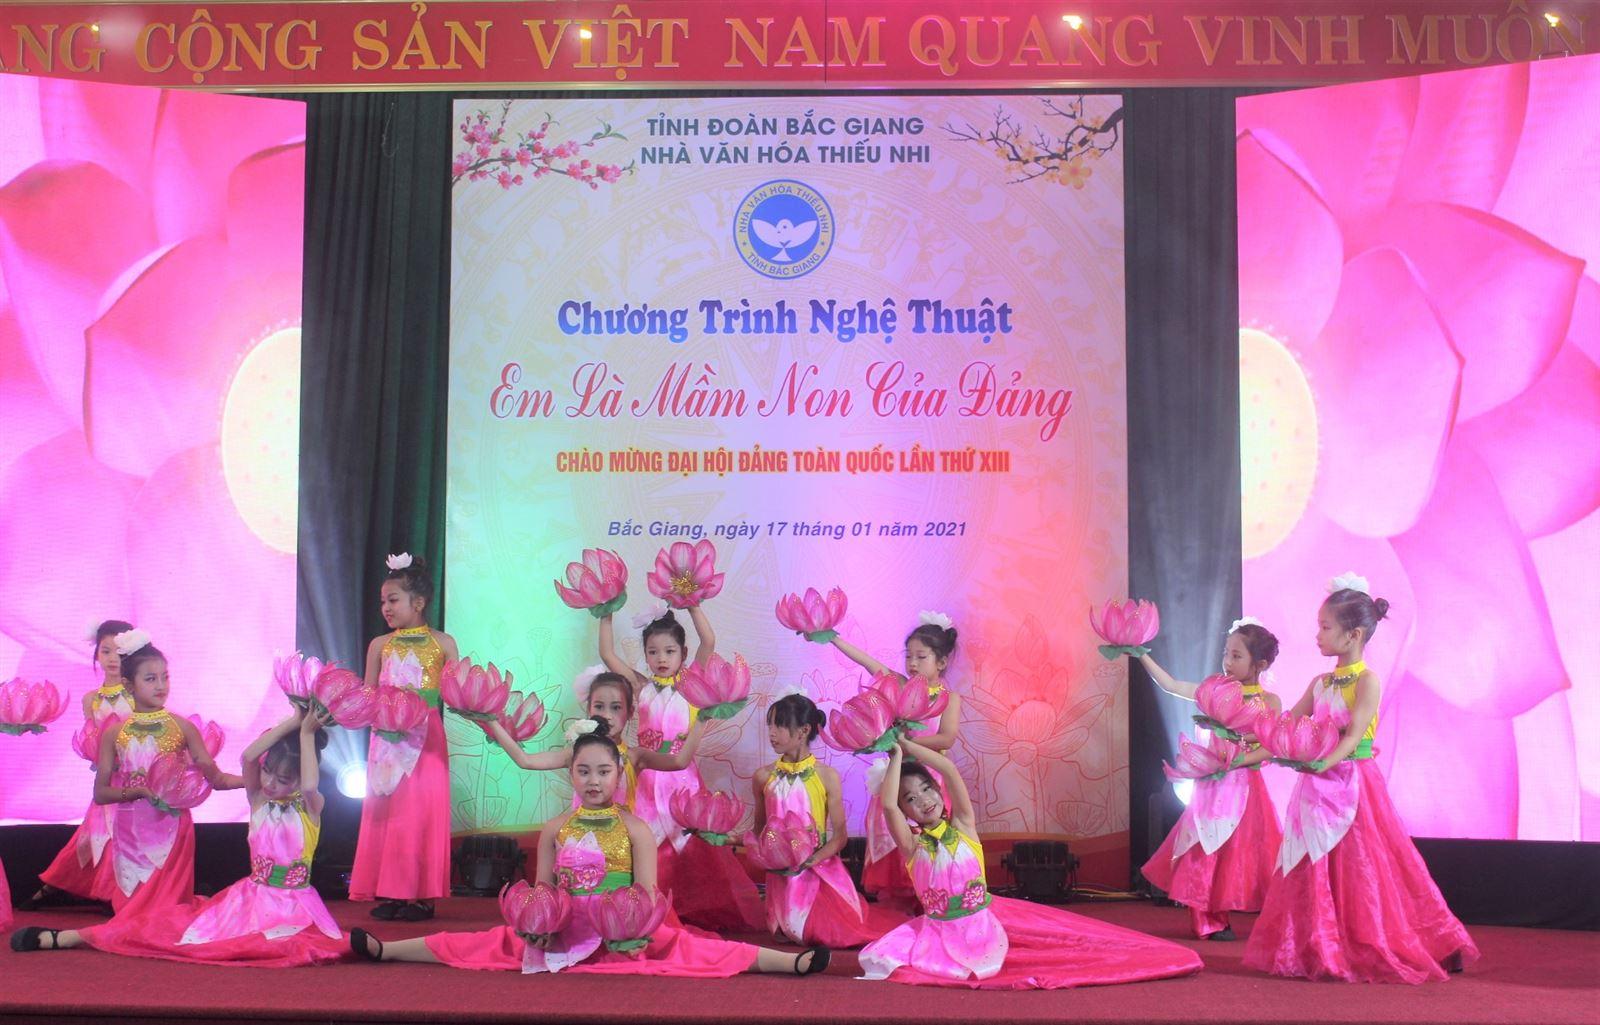 Bắc Giang: Chương trình Nghệ thuật Em là mầm non của Đảng